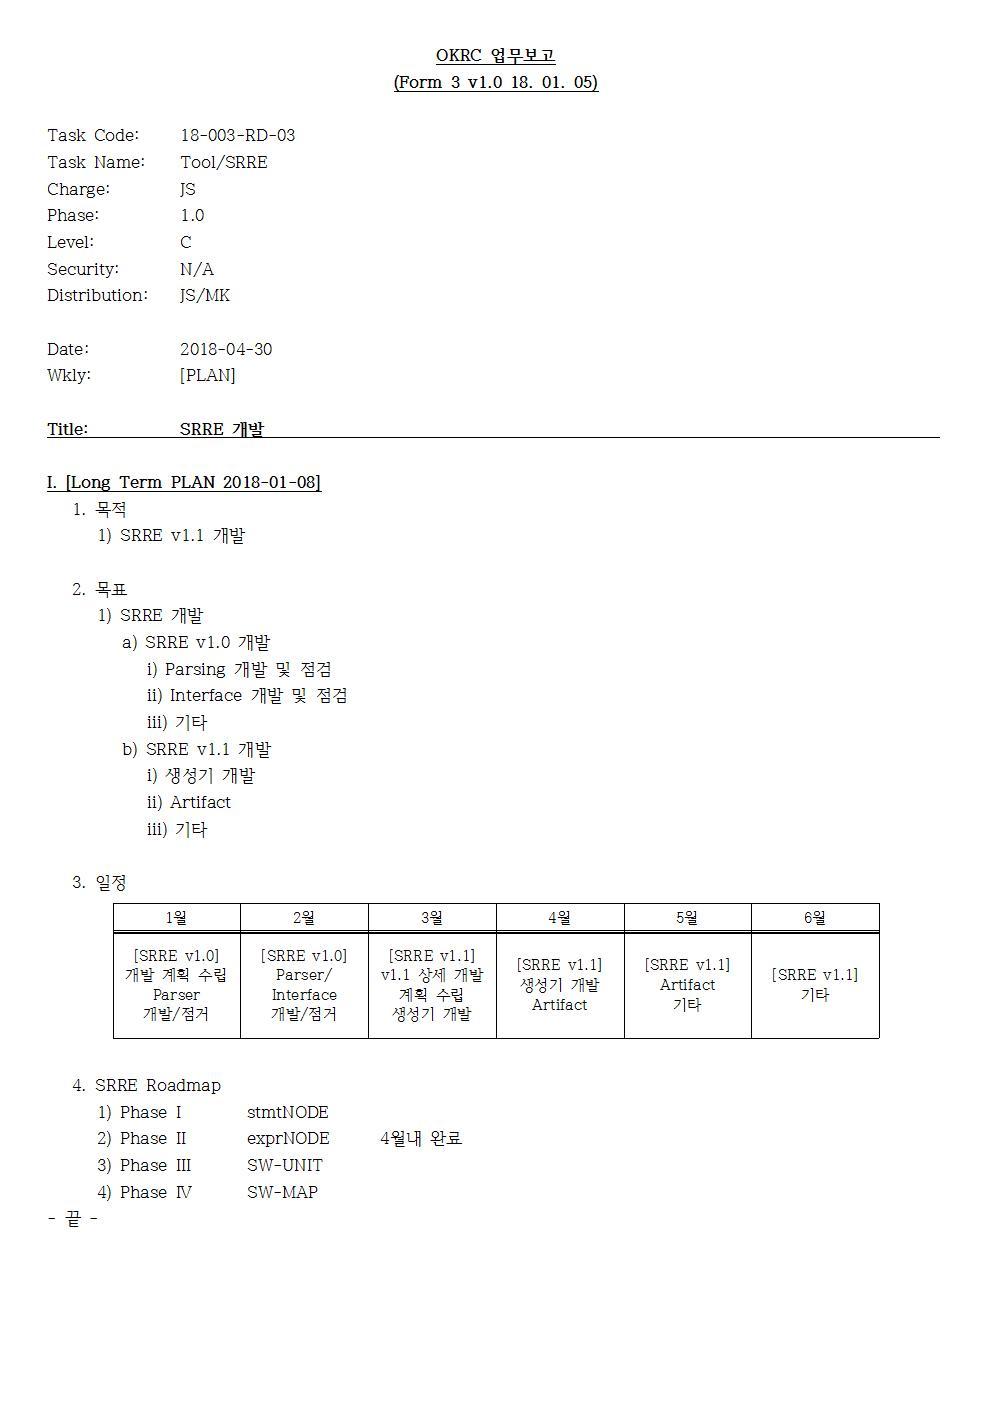 D-[18-003-RD-03]-[SRRE]-[2018-04-30][JS]001.jpg